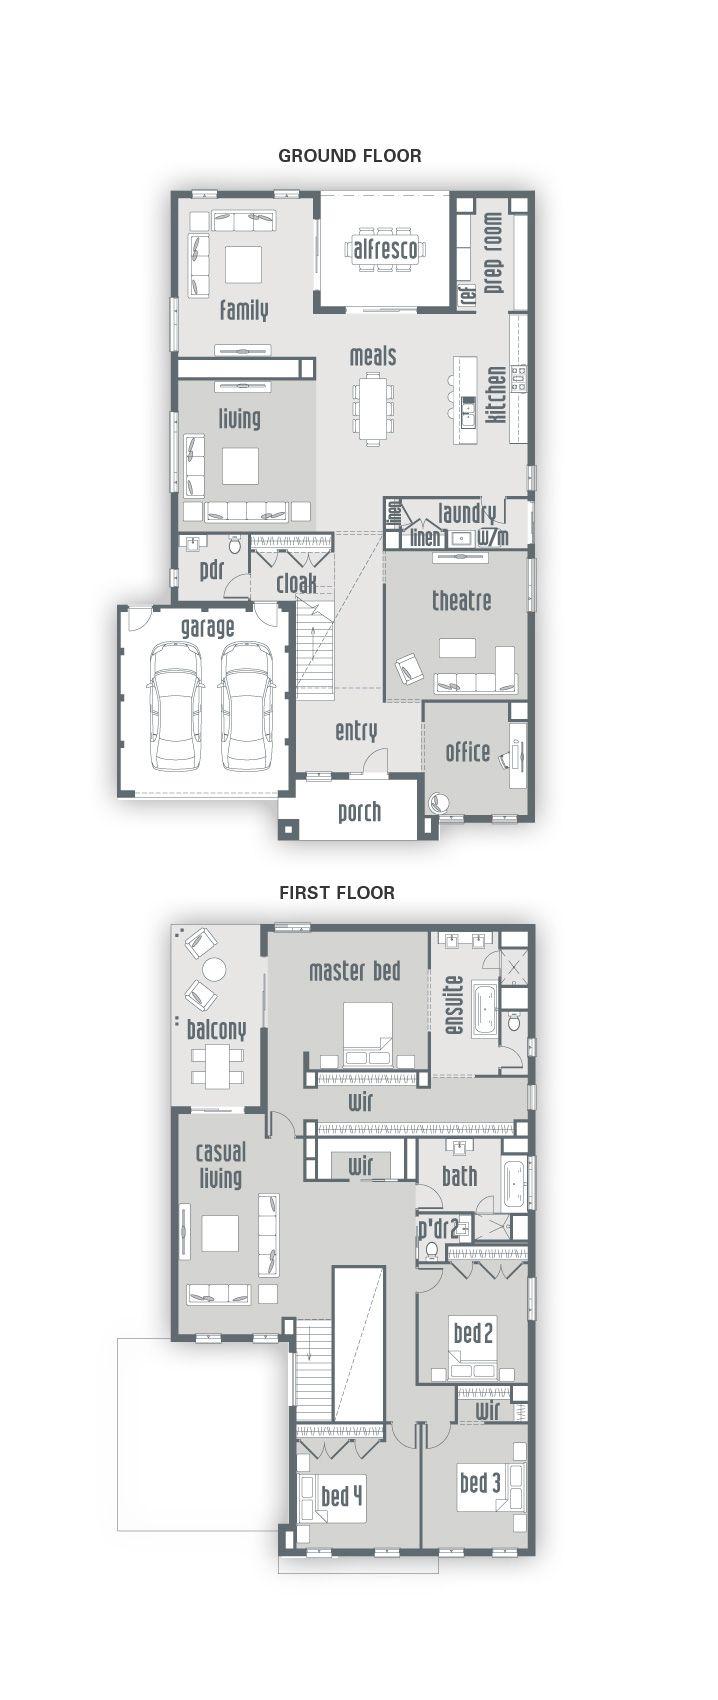 Building house sogo new home designs urbanedge homes melbourne builders also rh pinterest